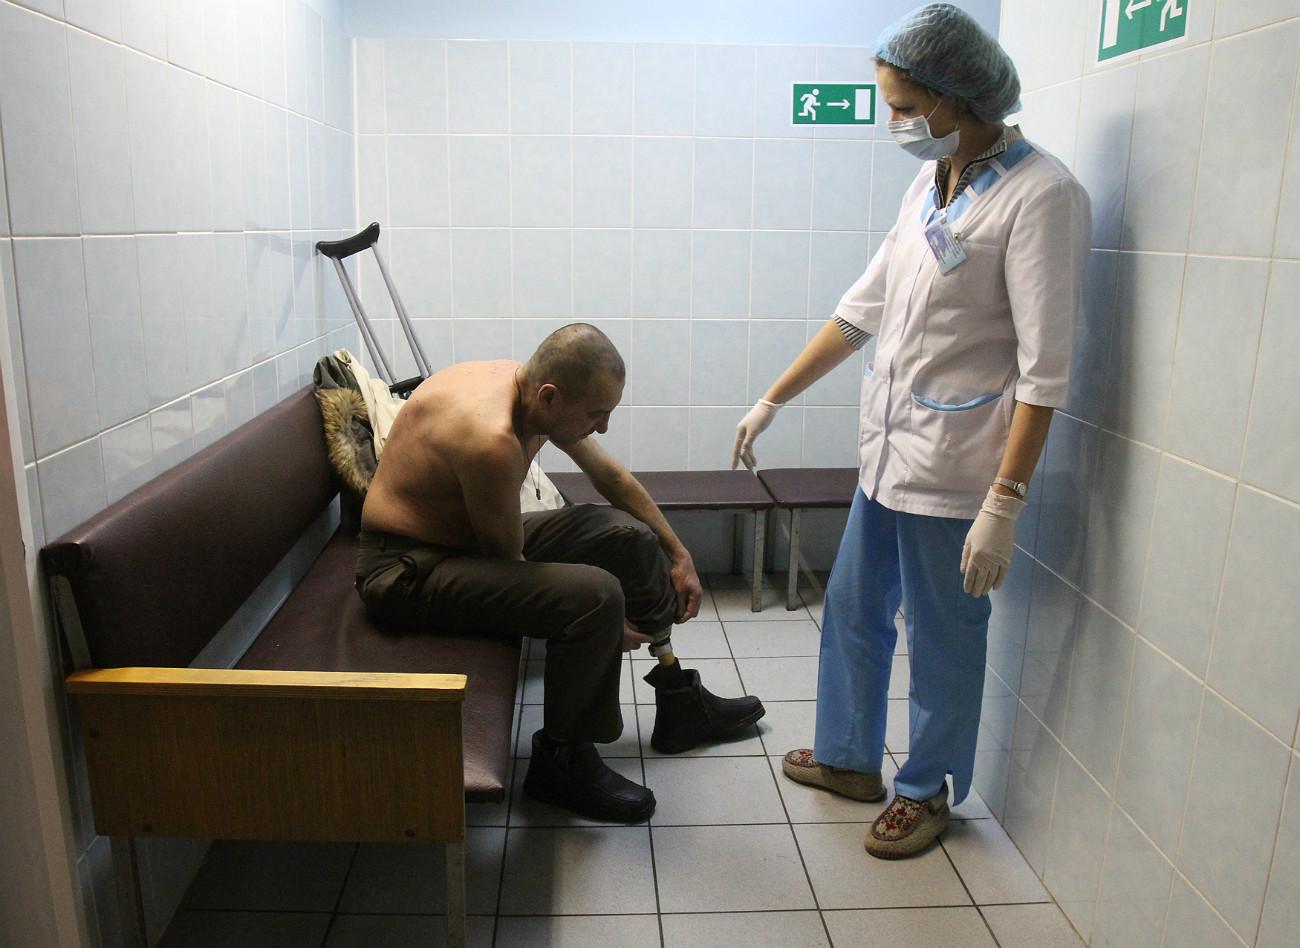 Un'infermiera assiste un clochard in uno dei tanti centri di accoglienza per senzatetto a Mosca. Fonte: Reuters